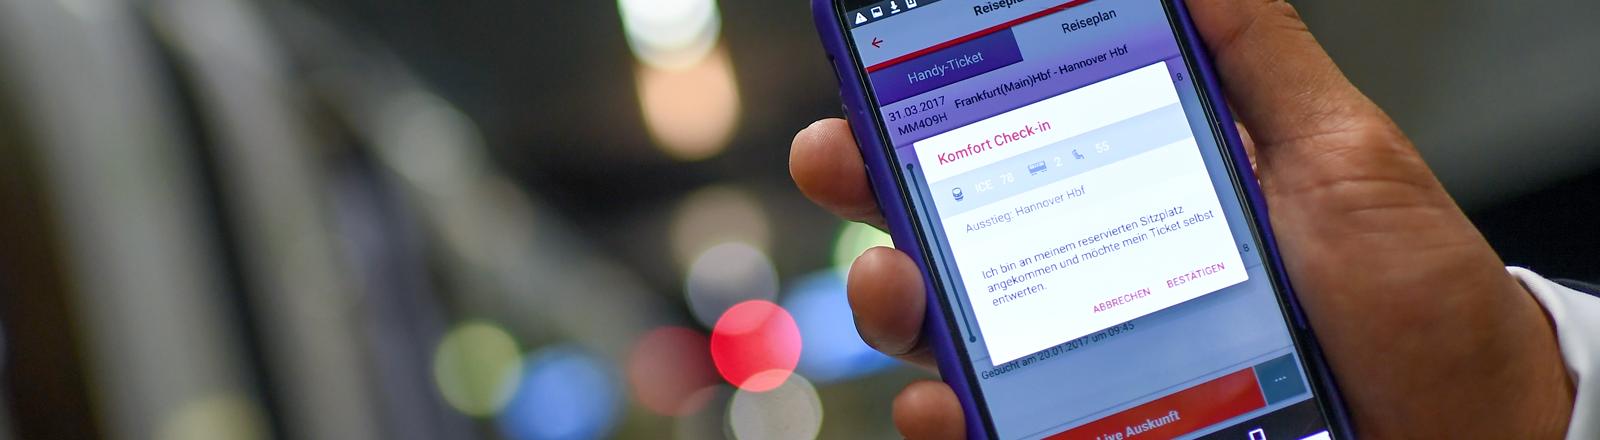 Nahaufnahme einer Hand, die ein Smartphone mit der Bahn-App in die Kamera hält vor einem ICE